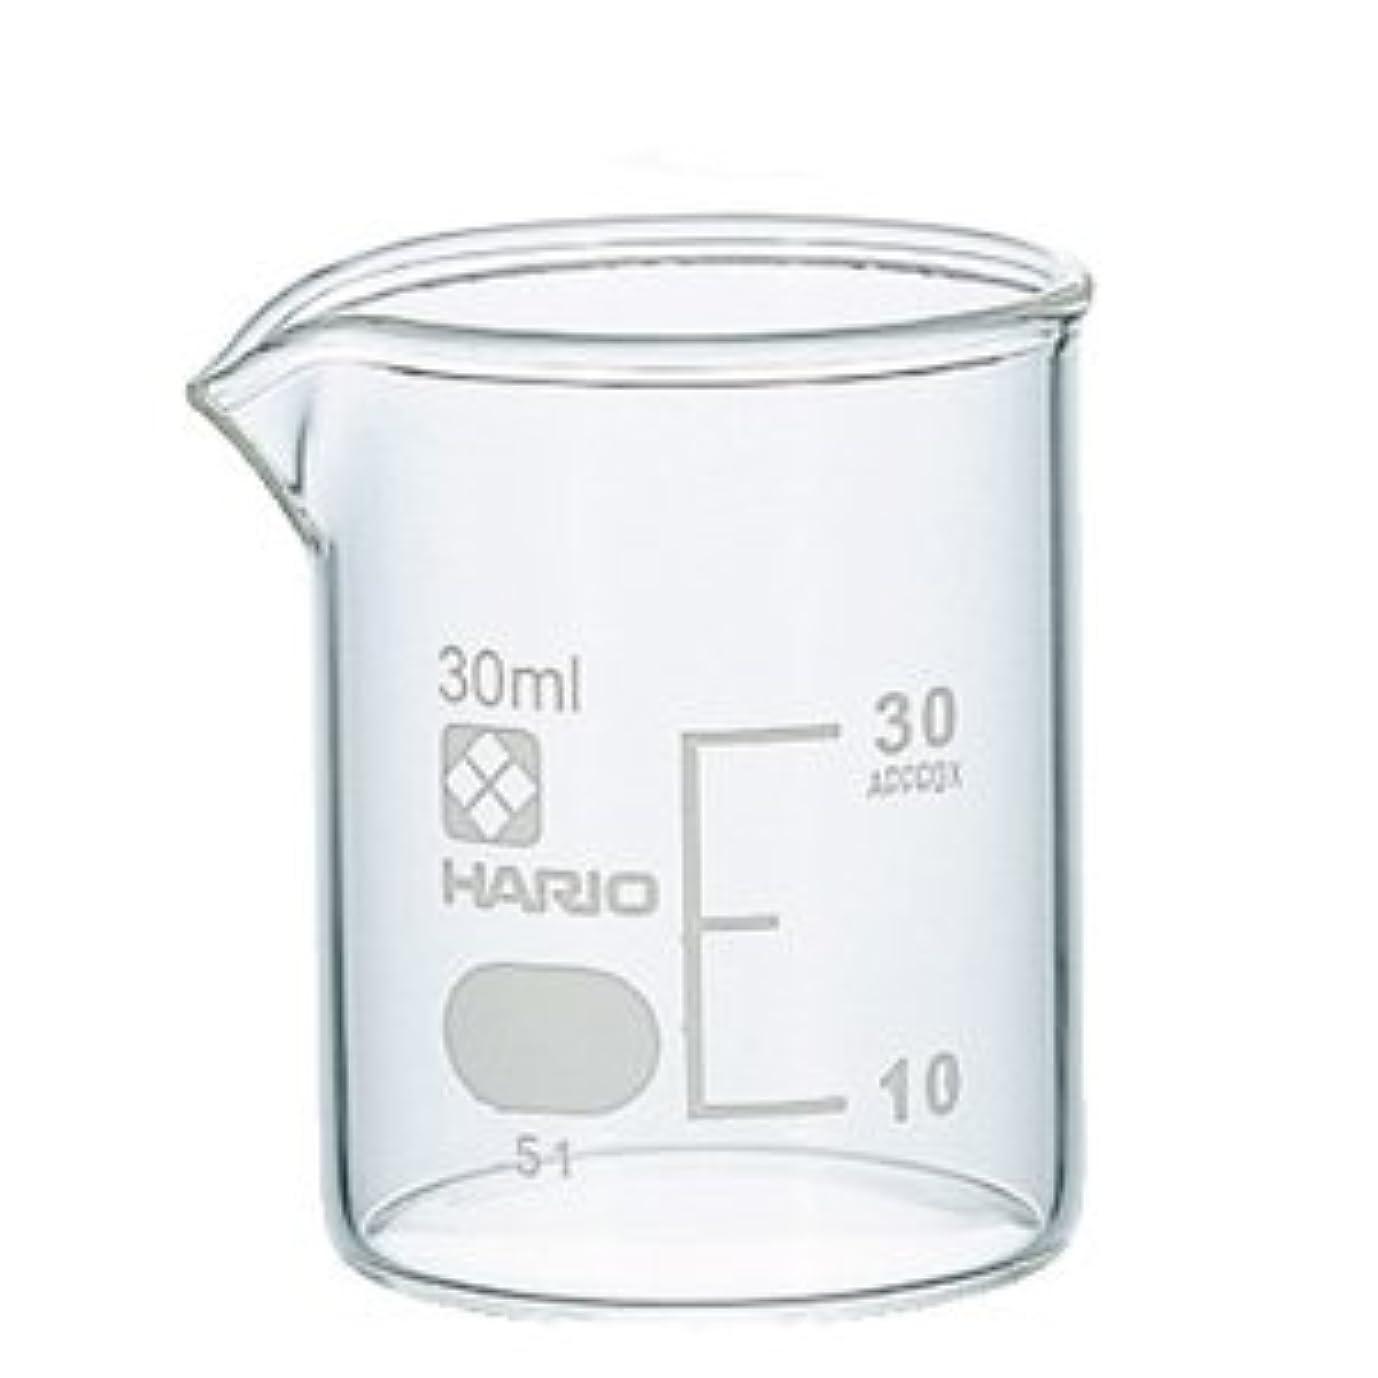 柔らかい半円視力ガラスビーカー 30ml 【手作り石鹸/手作りコスメ/手作り化粧品】